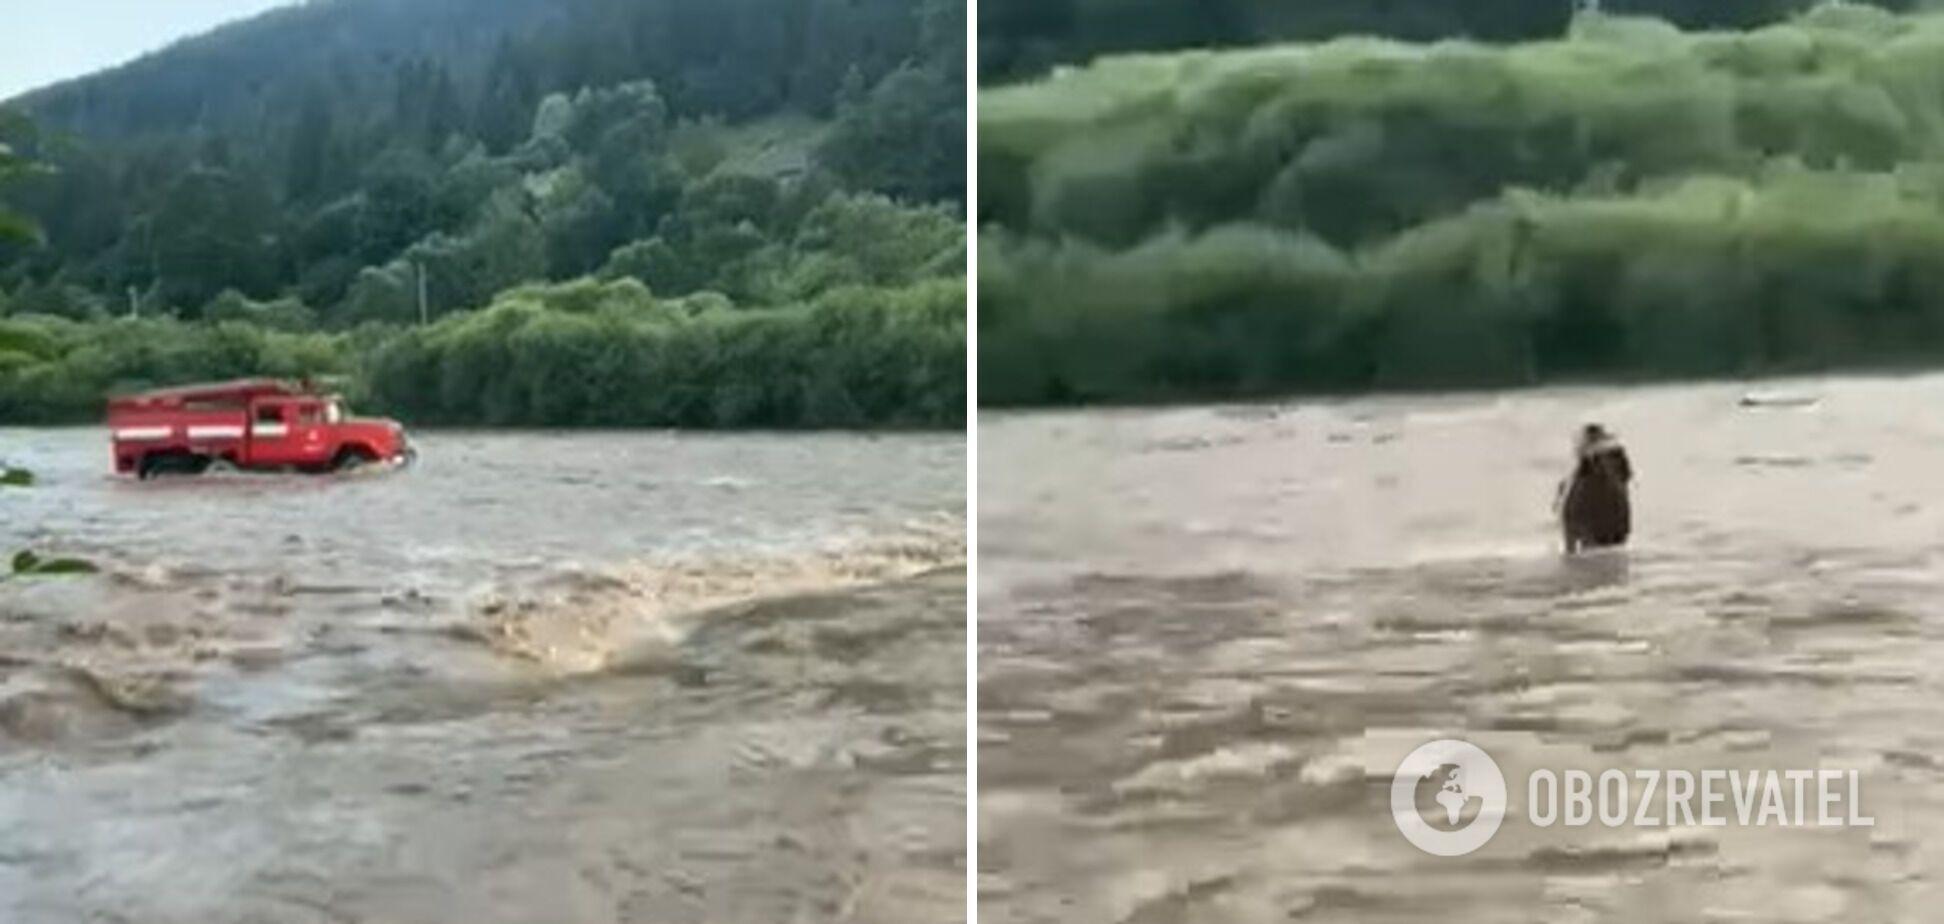 Спасение детей, оказавшихся в ловушке среди бурной реки